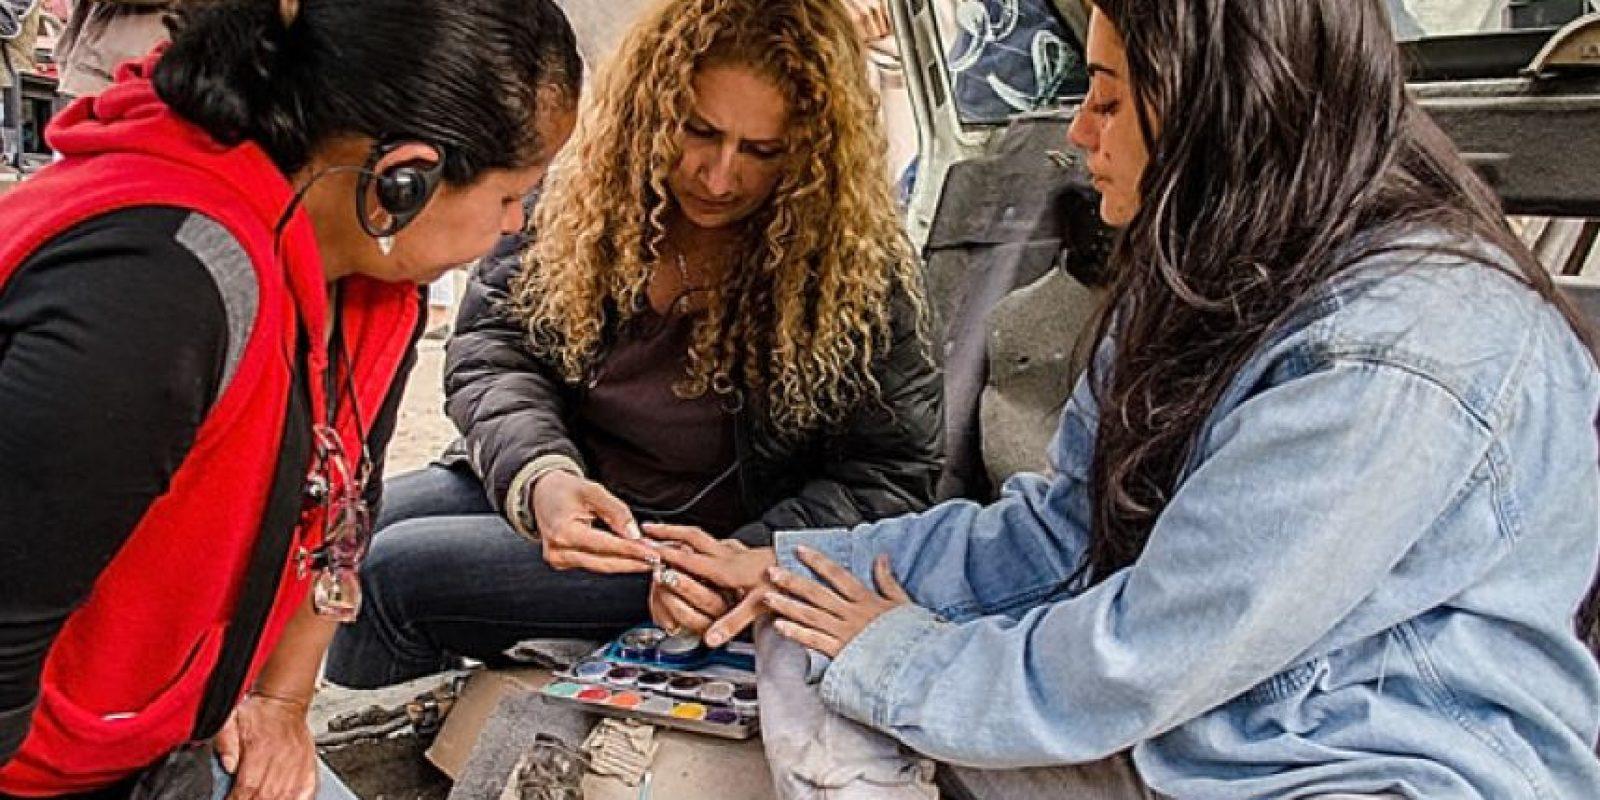 Foto:Tomada de Canal RCN – http://www.canalrcn.com/ladylavendedoraderosas